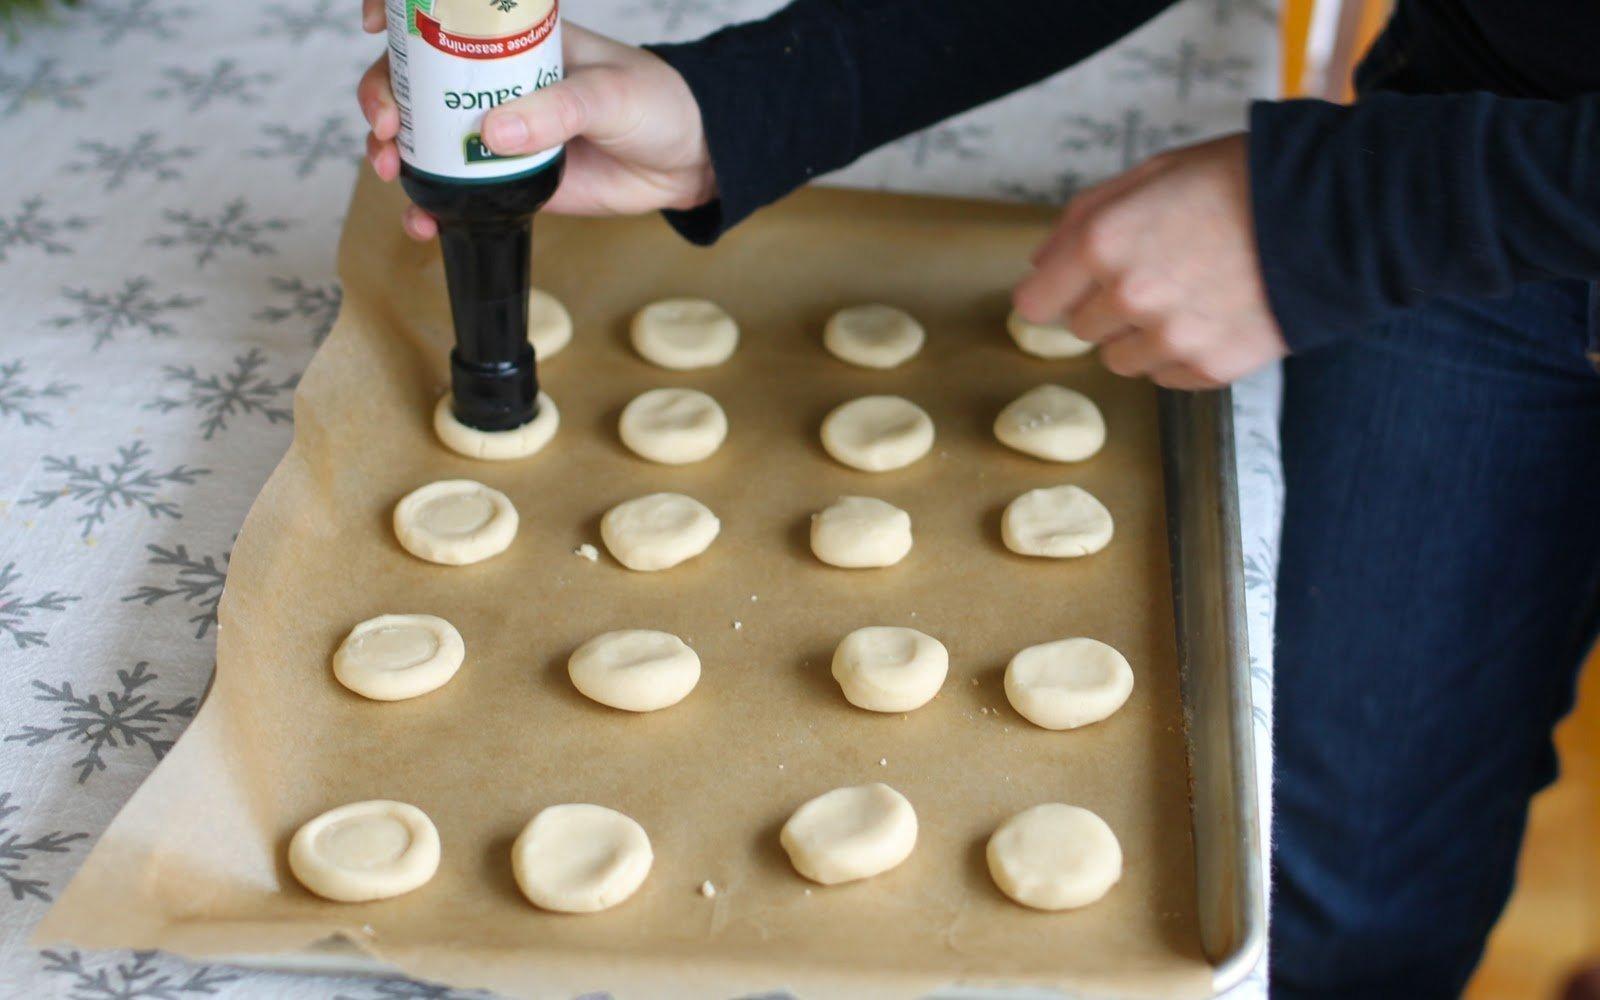 Pečete každý rok to samé cukroví a hledáte nějakou novou inspiraci? Máme ji pro vás. Zkuste si letos upéct máslové sušenky ve tvaru knoflíků, které všechny jistě zaujmou a provoní vám celý dům. Pusťte se s námi do opravdu zábavného pečení.